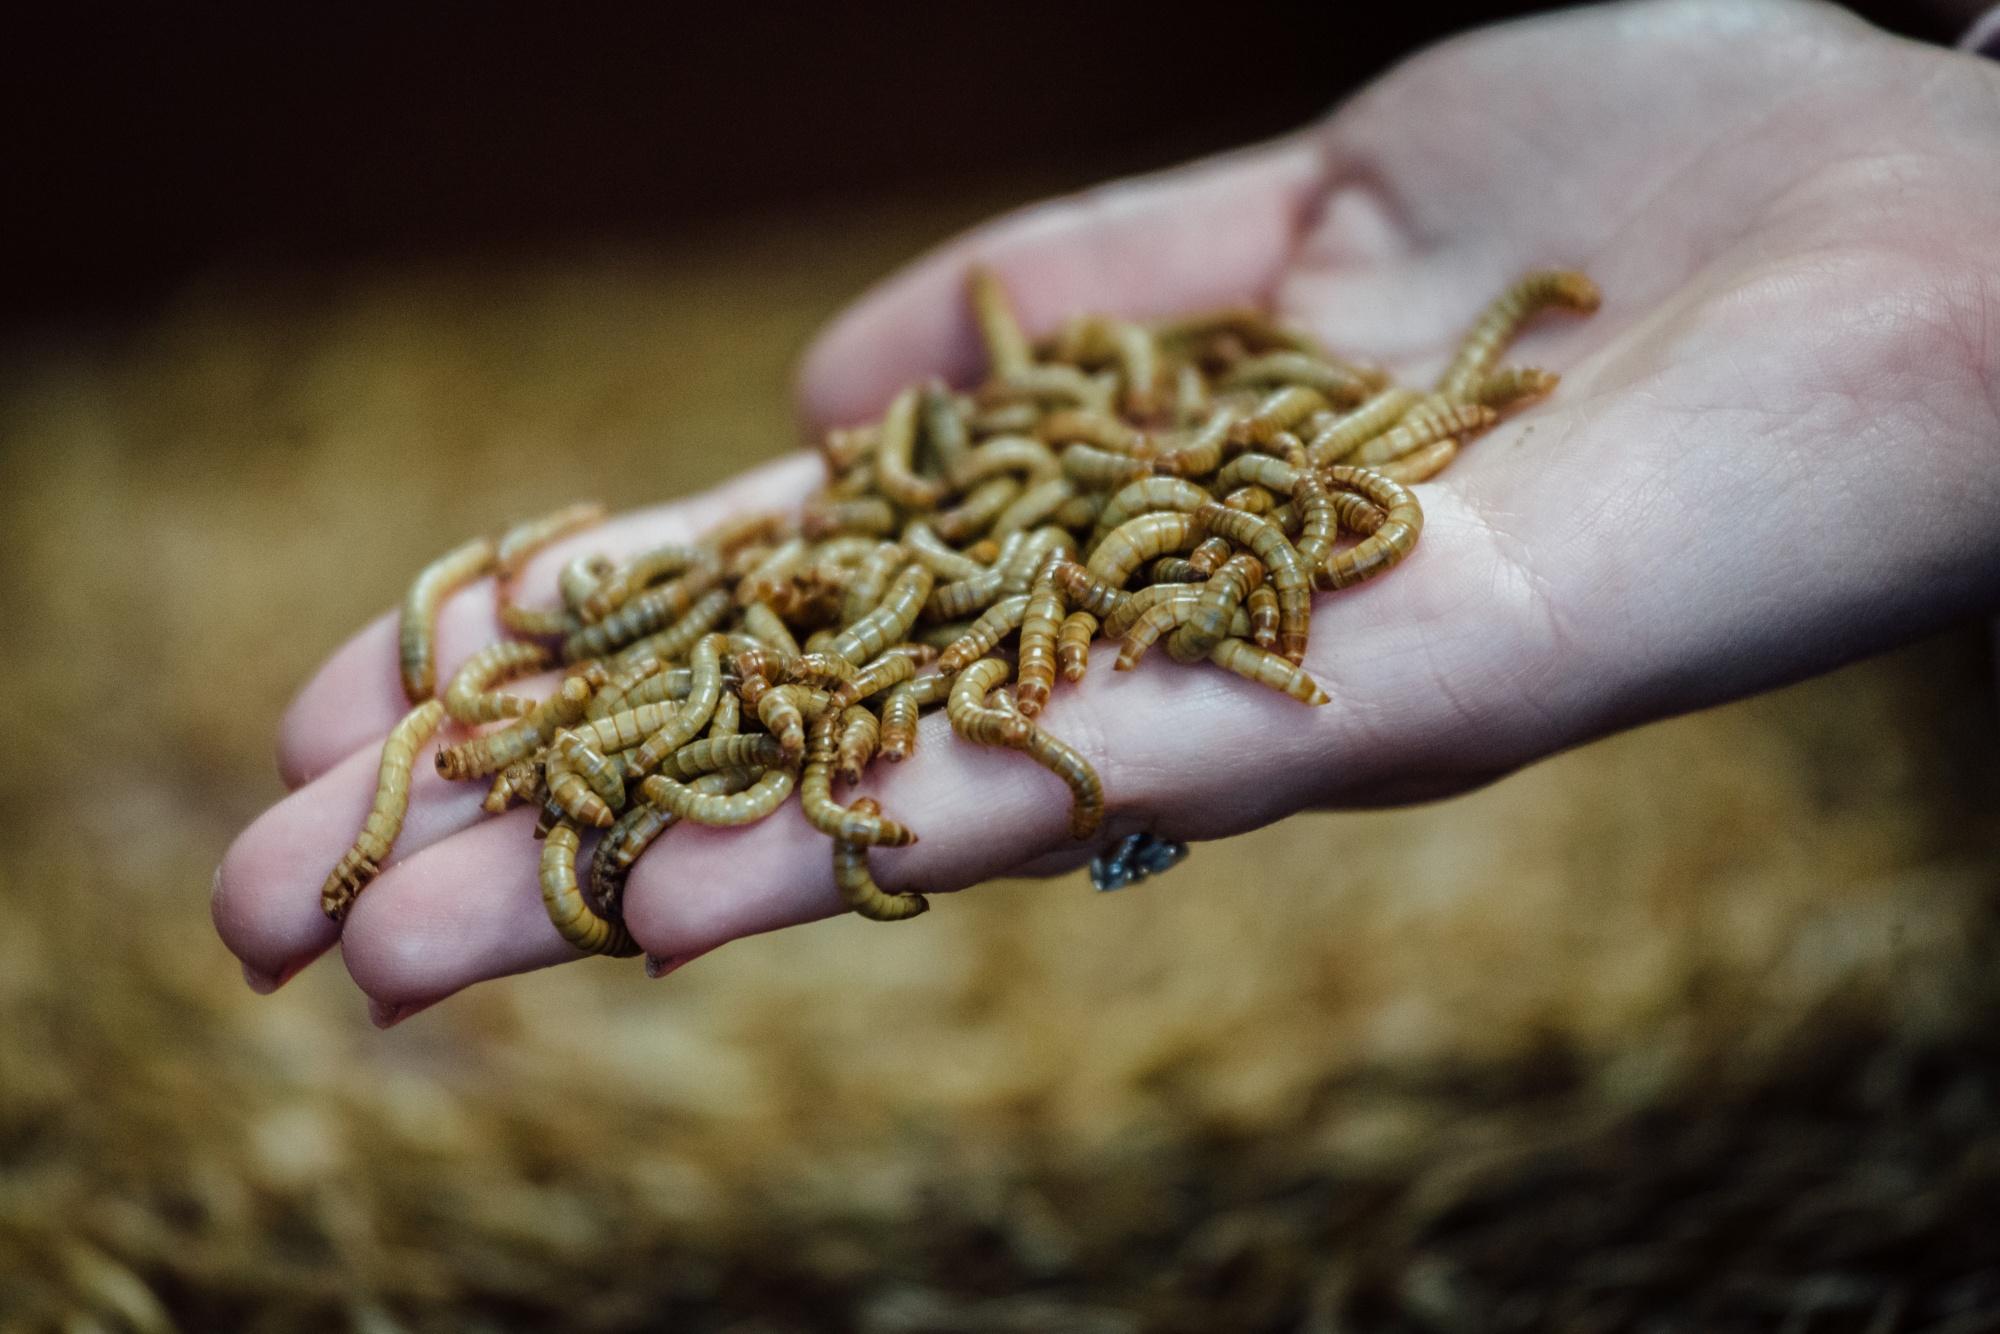 La larva del escarabajo de la harina es declarada segura para el consumo humano